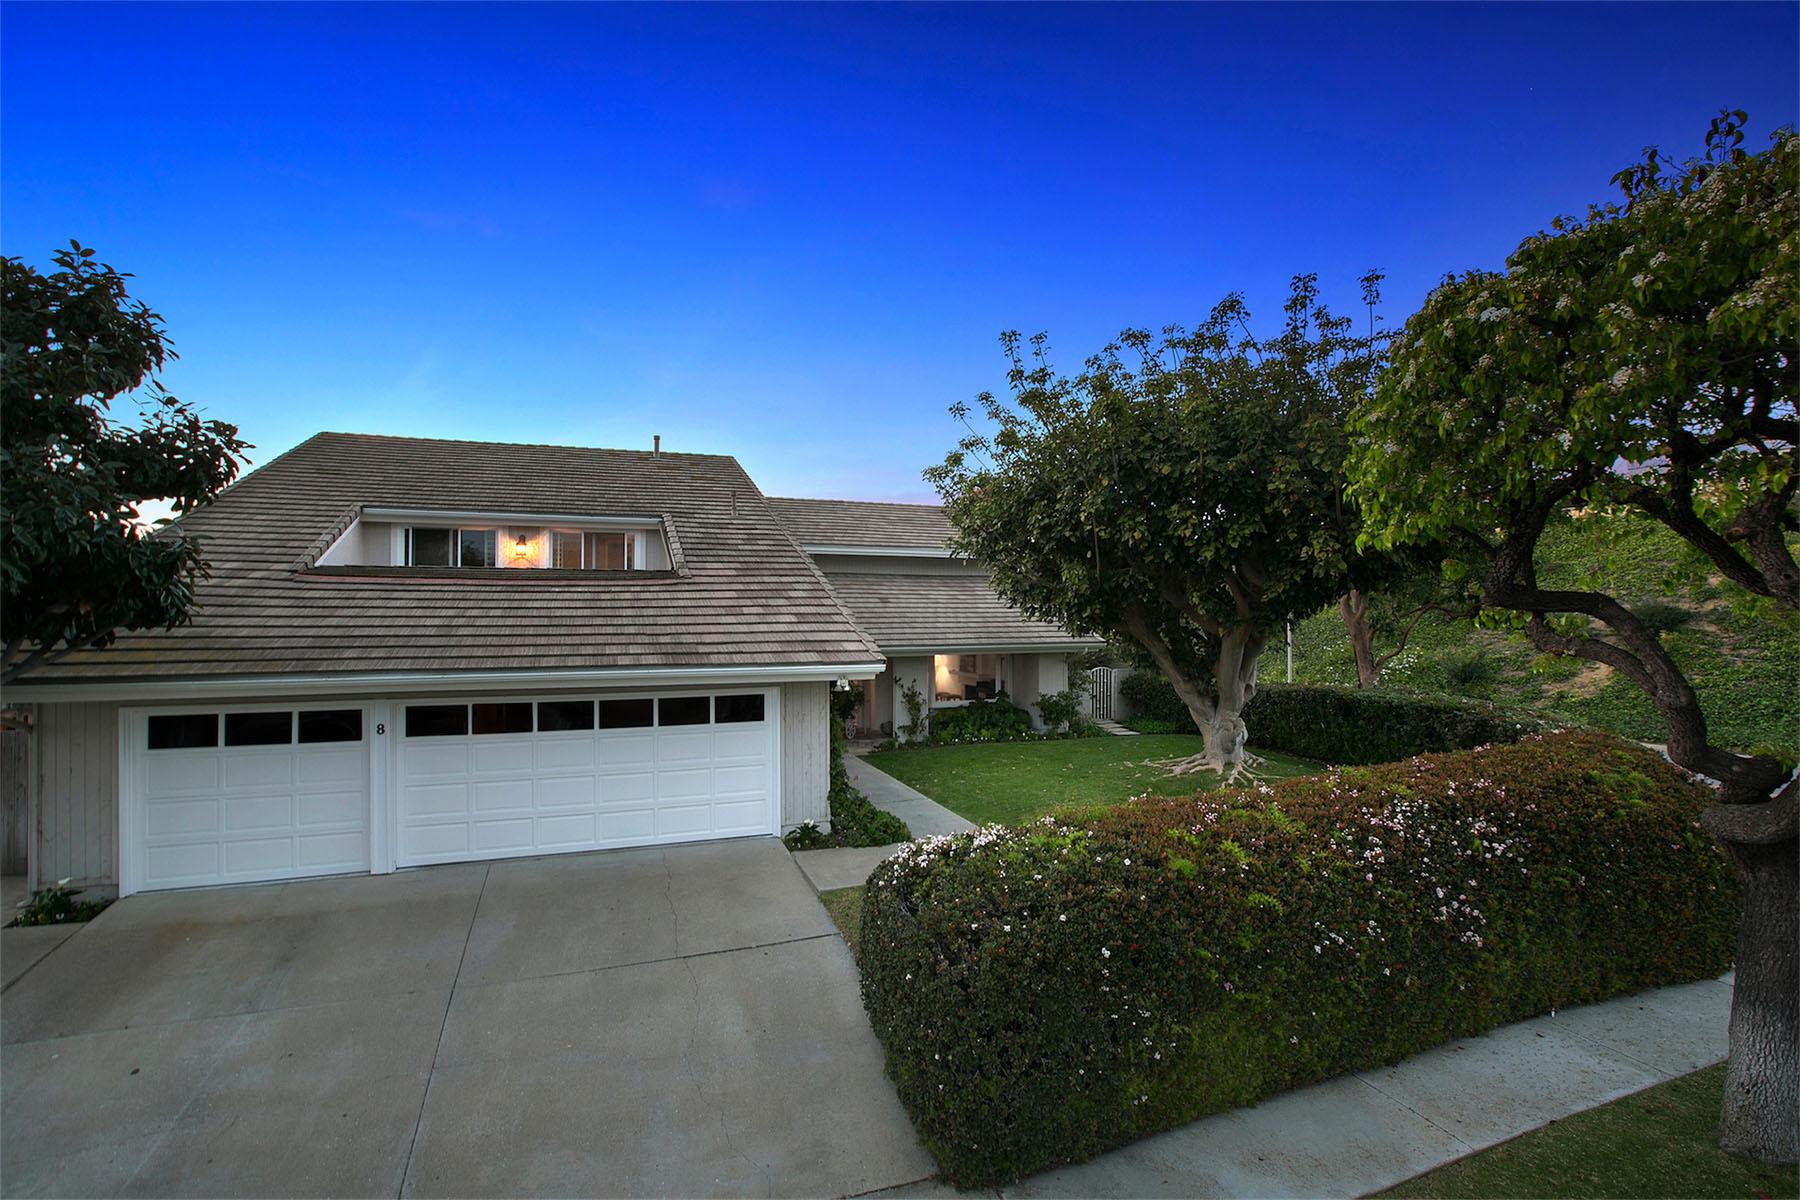 단독 가정 주택 용 매매 에 8 Twin Lakes Circle Corona Del Mar, 캘리포니아 92625 미국